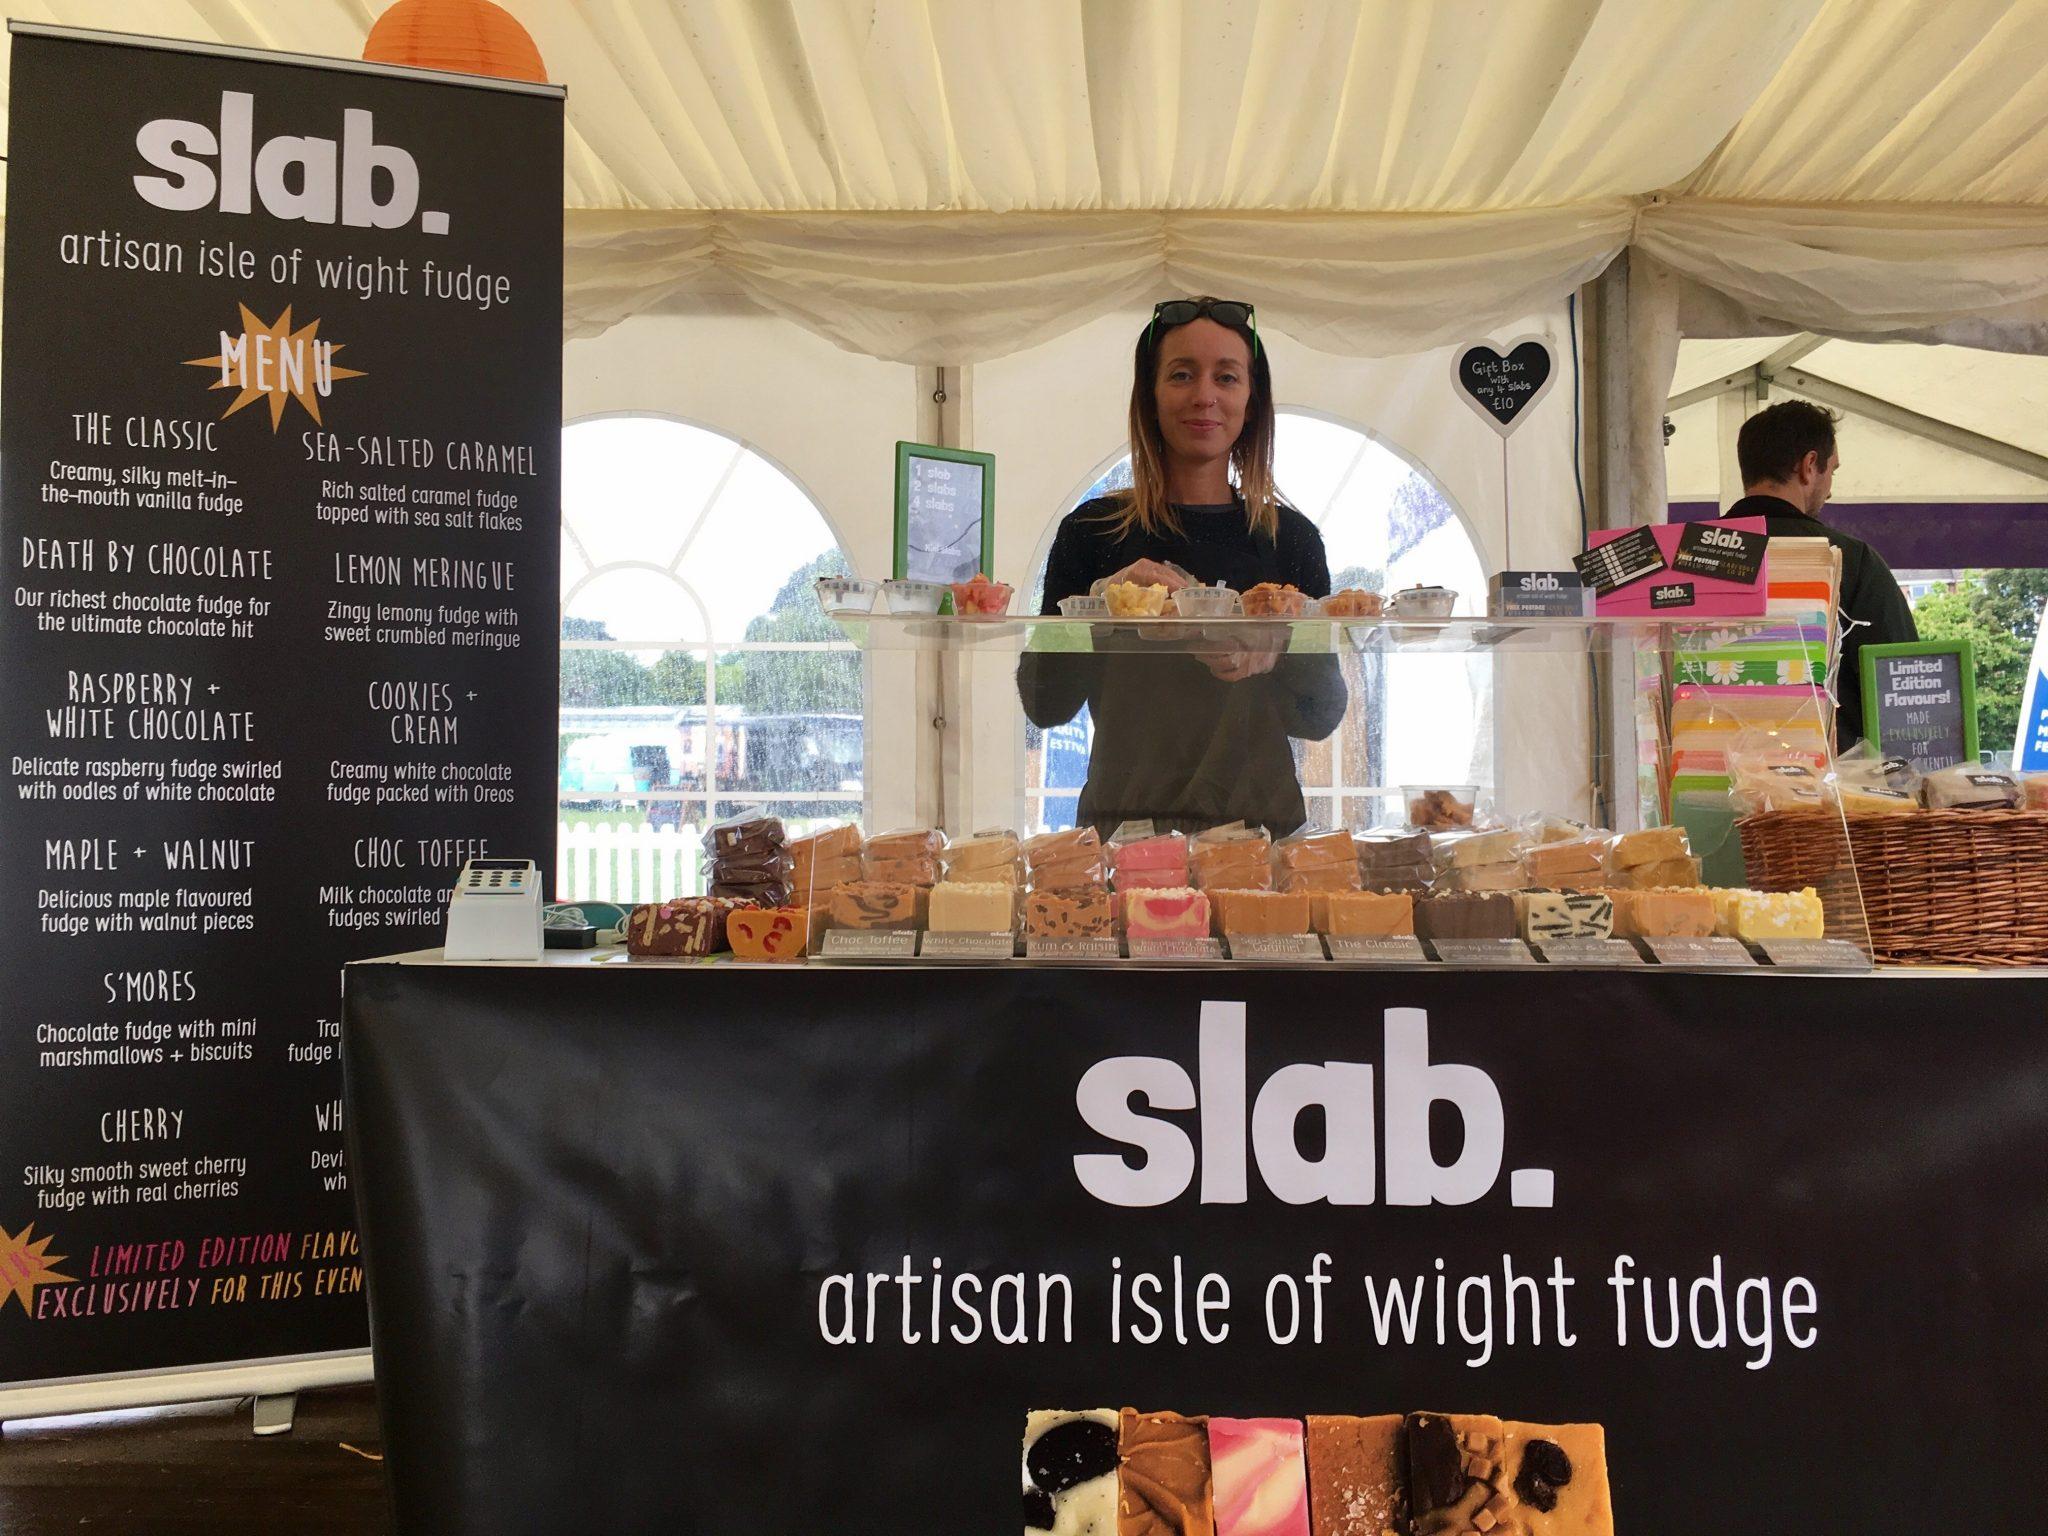 Slab Artisan Fudge - Taste of the South, Poole